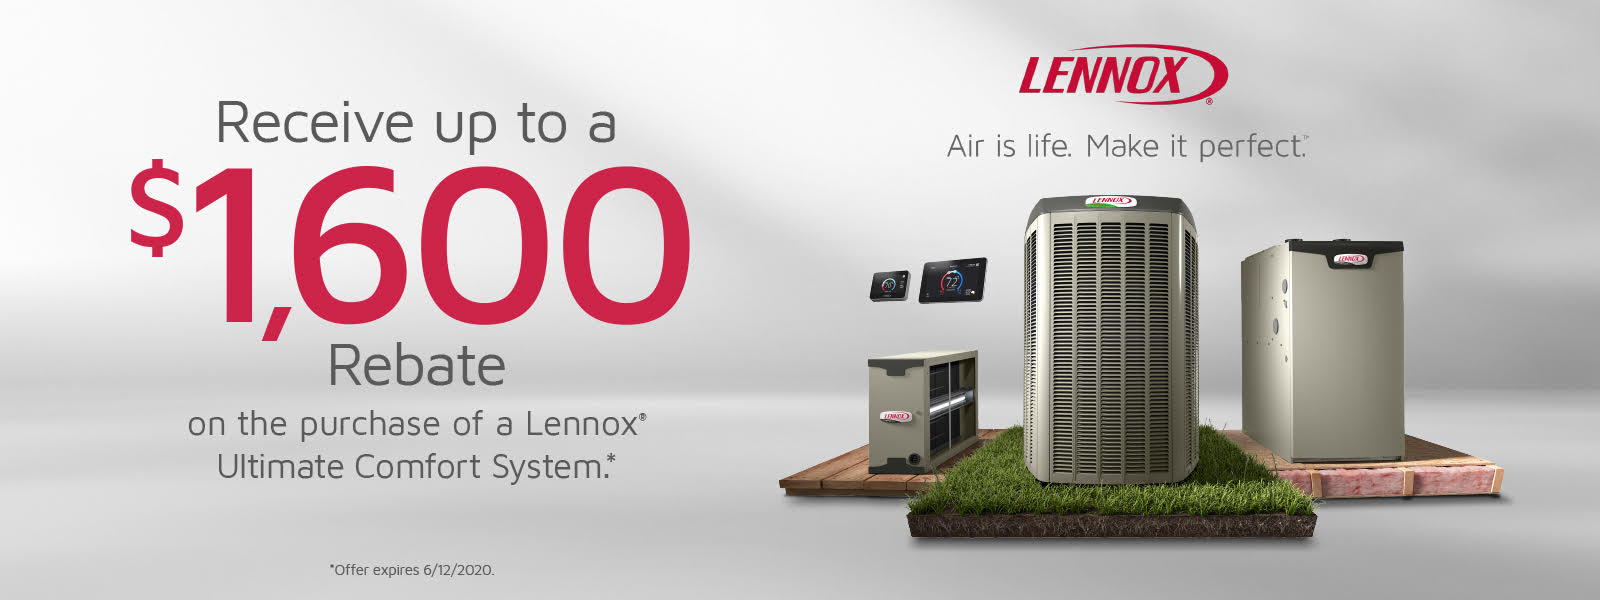 Lennox $1600 Rebate Offer